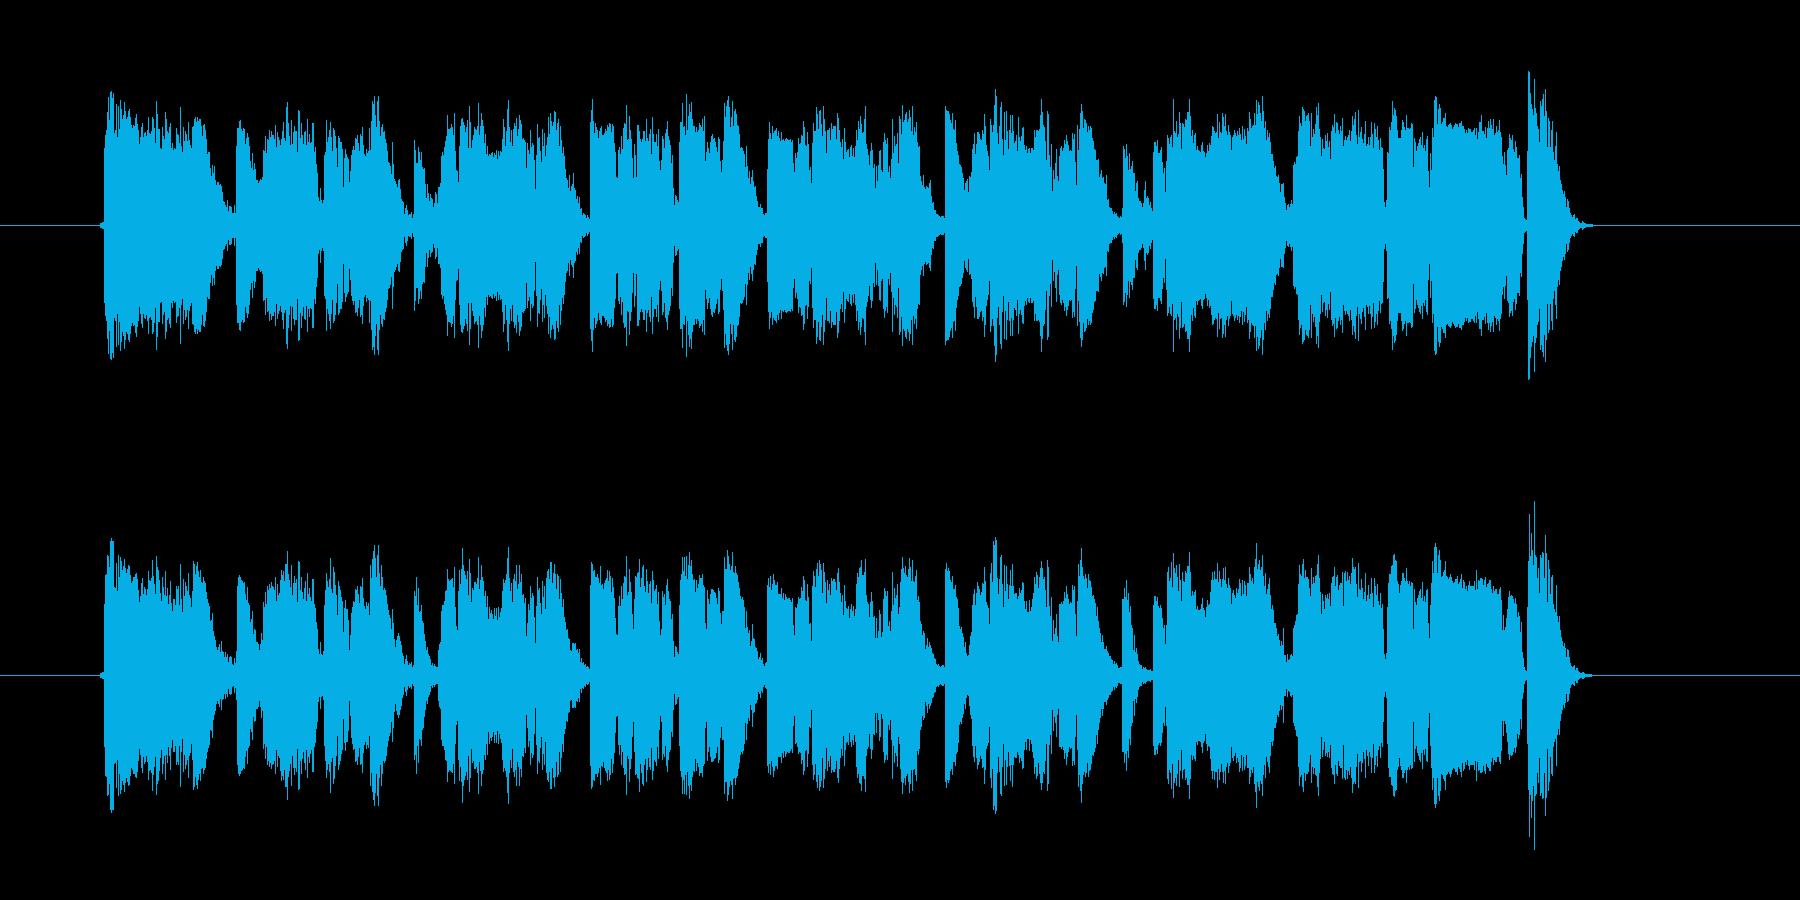 スピーディーでアップテンポなジングルの再生済みの波形